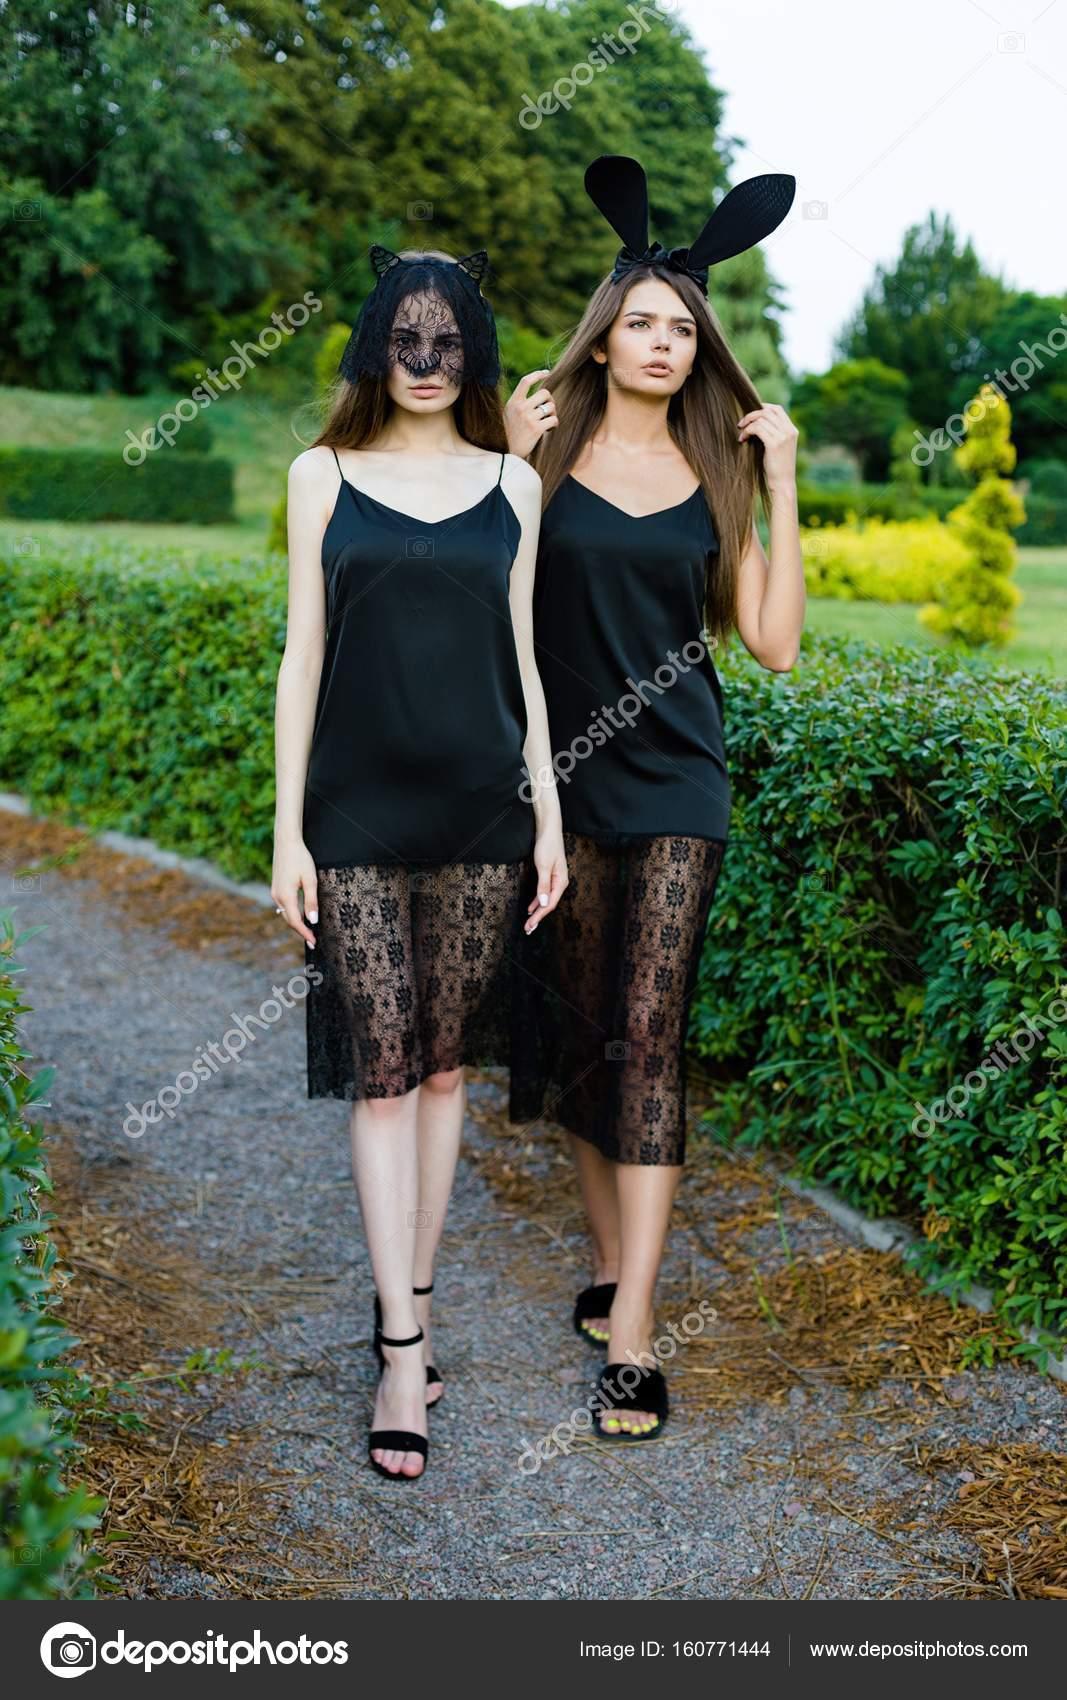 06c0ab519f6 Νεαρές γυναίκες στα μαύρα φορέματα — Φωτογραφία Αρχείου ...